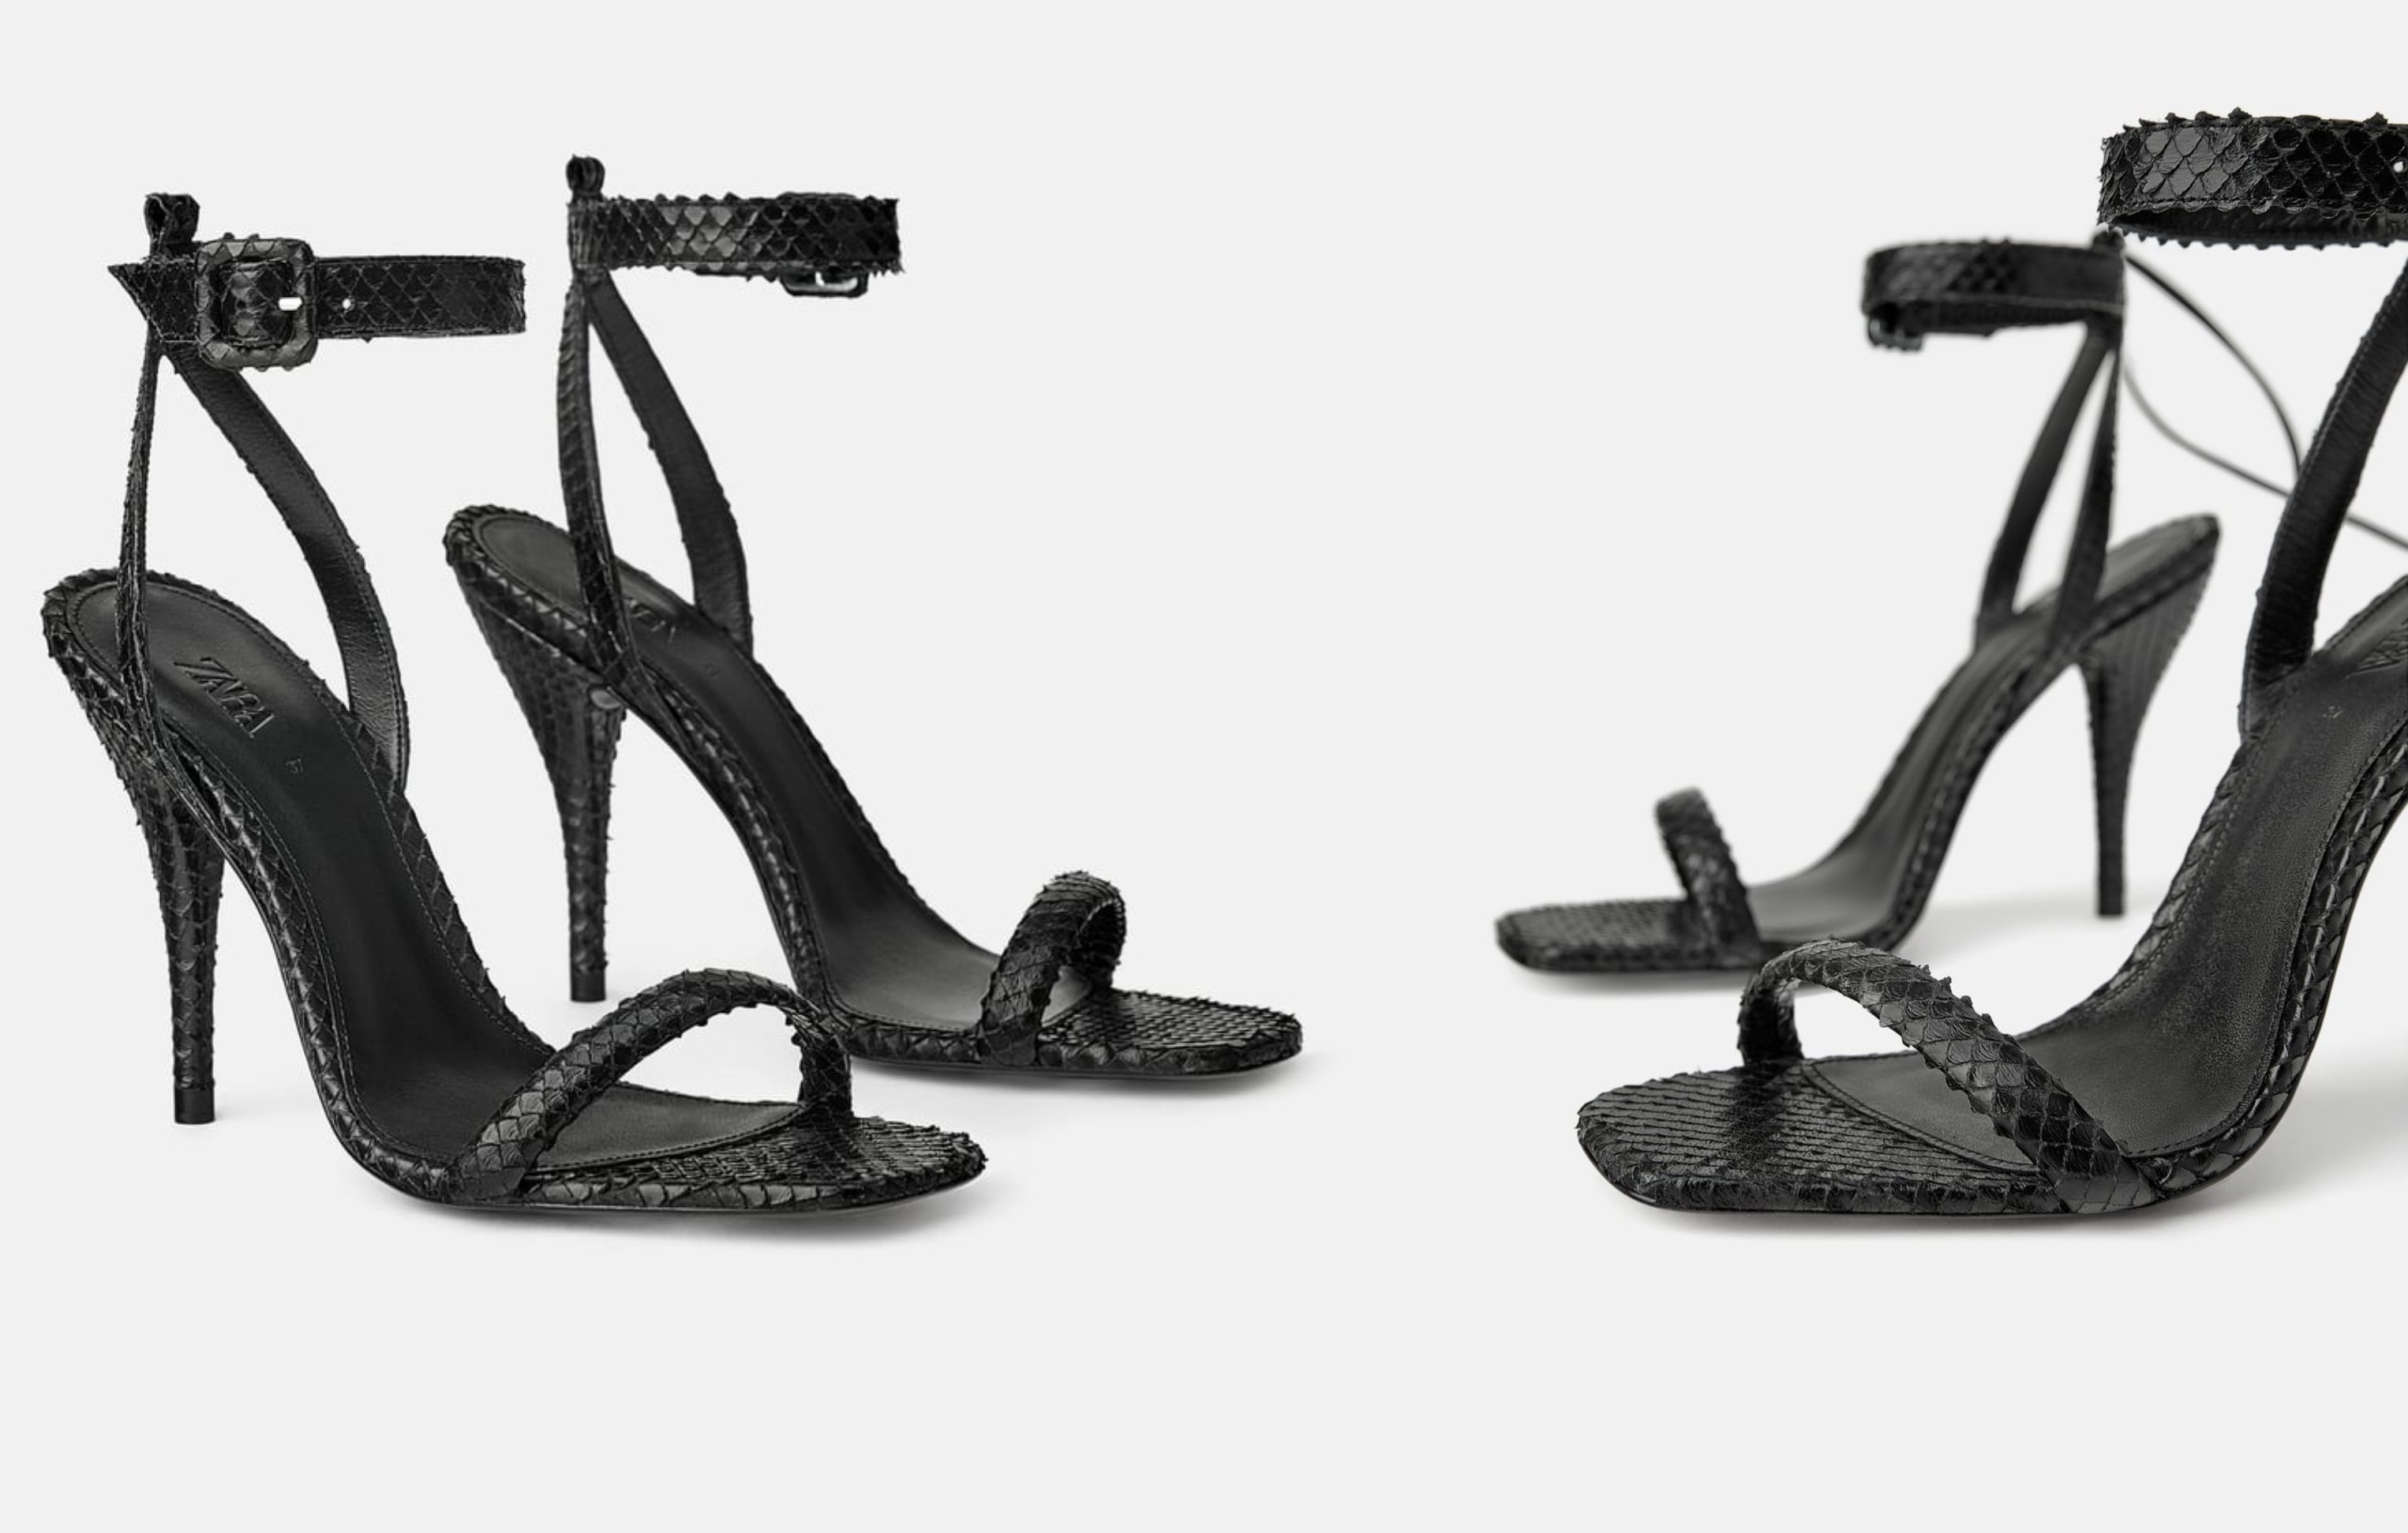 Kožne sandale iz Zare koje su nam privukle pažnju